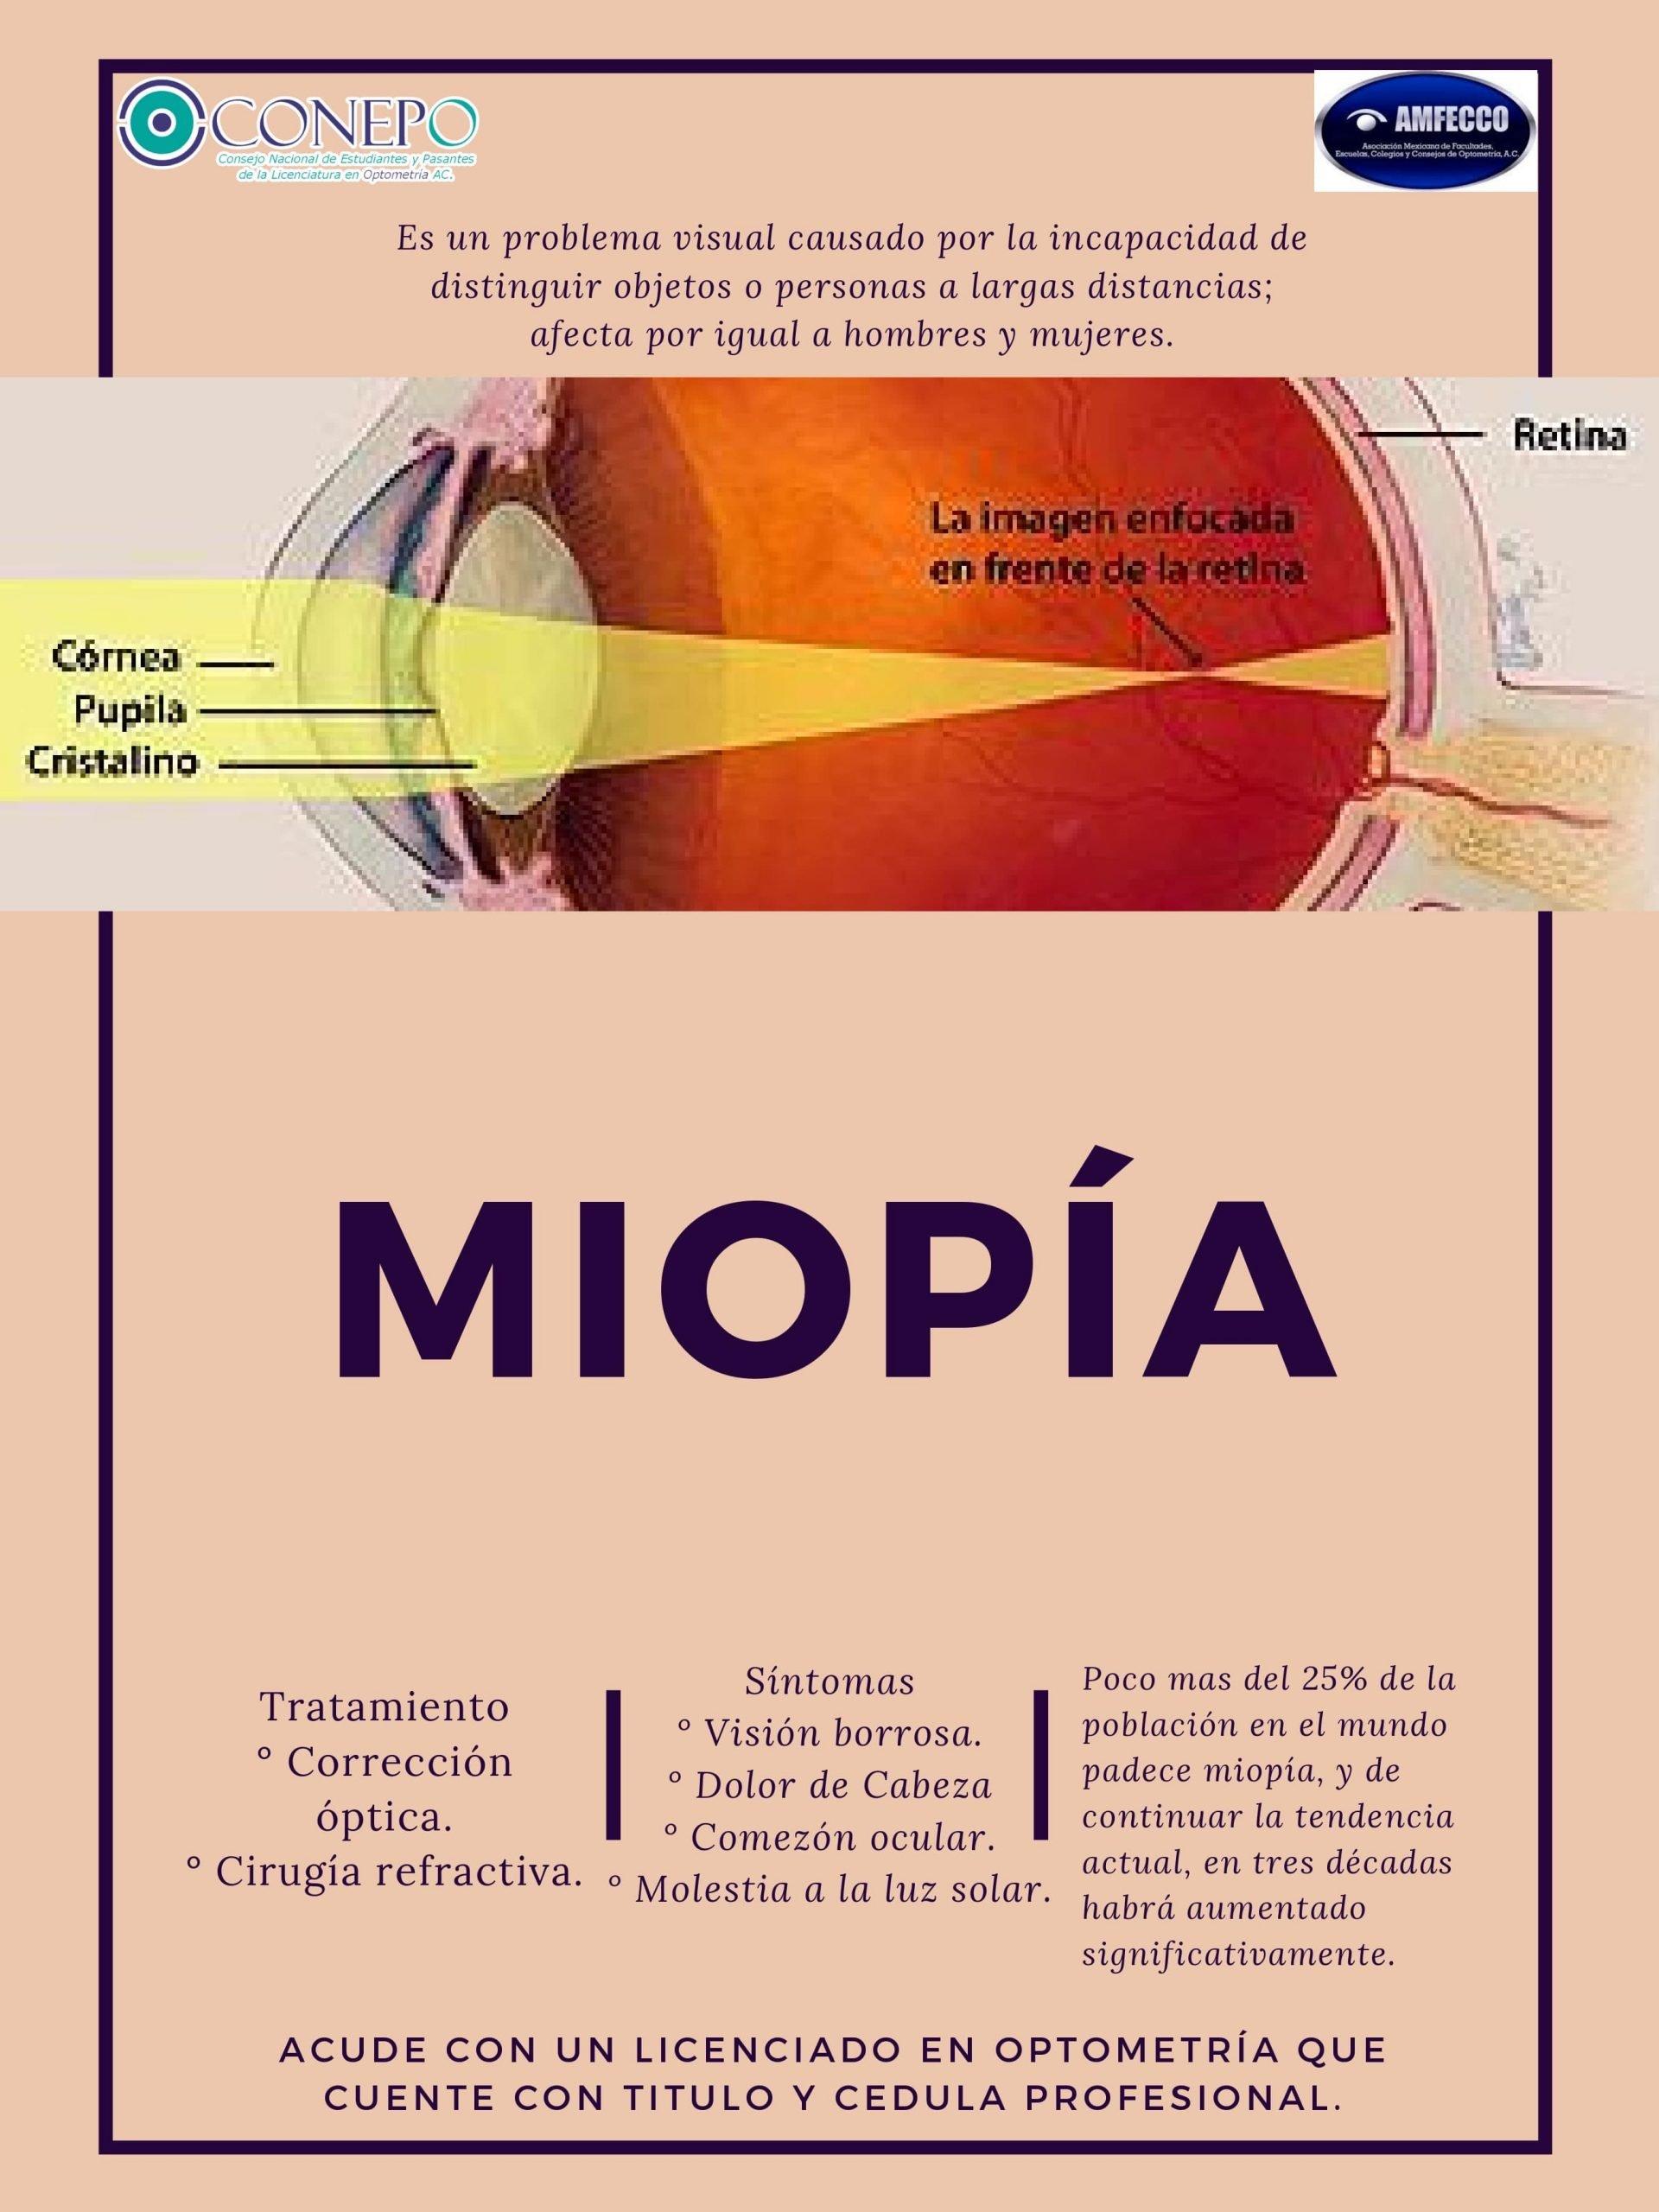 La miopía - CONEPO